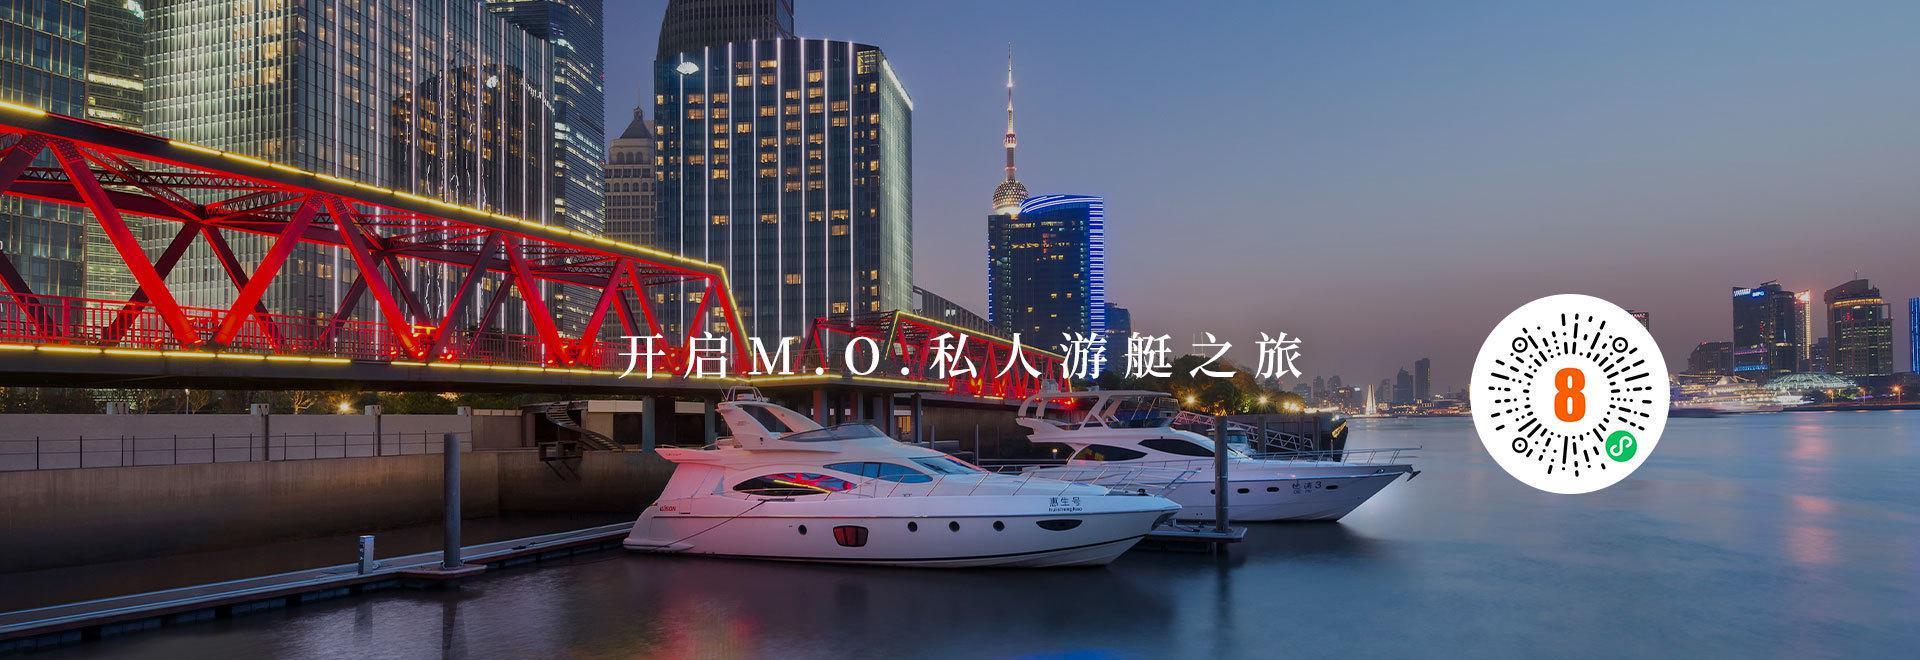 文华东方私人游艇